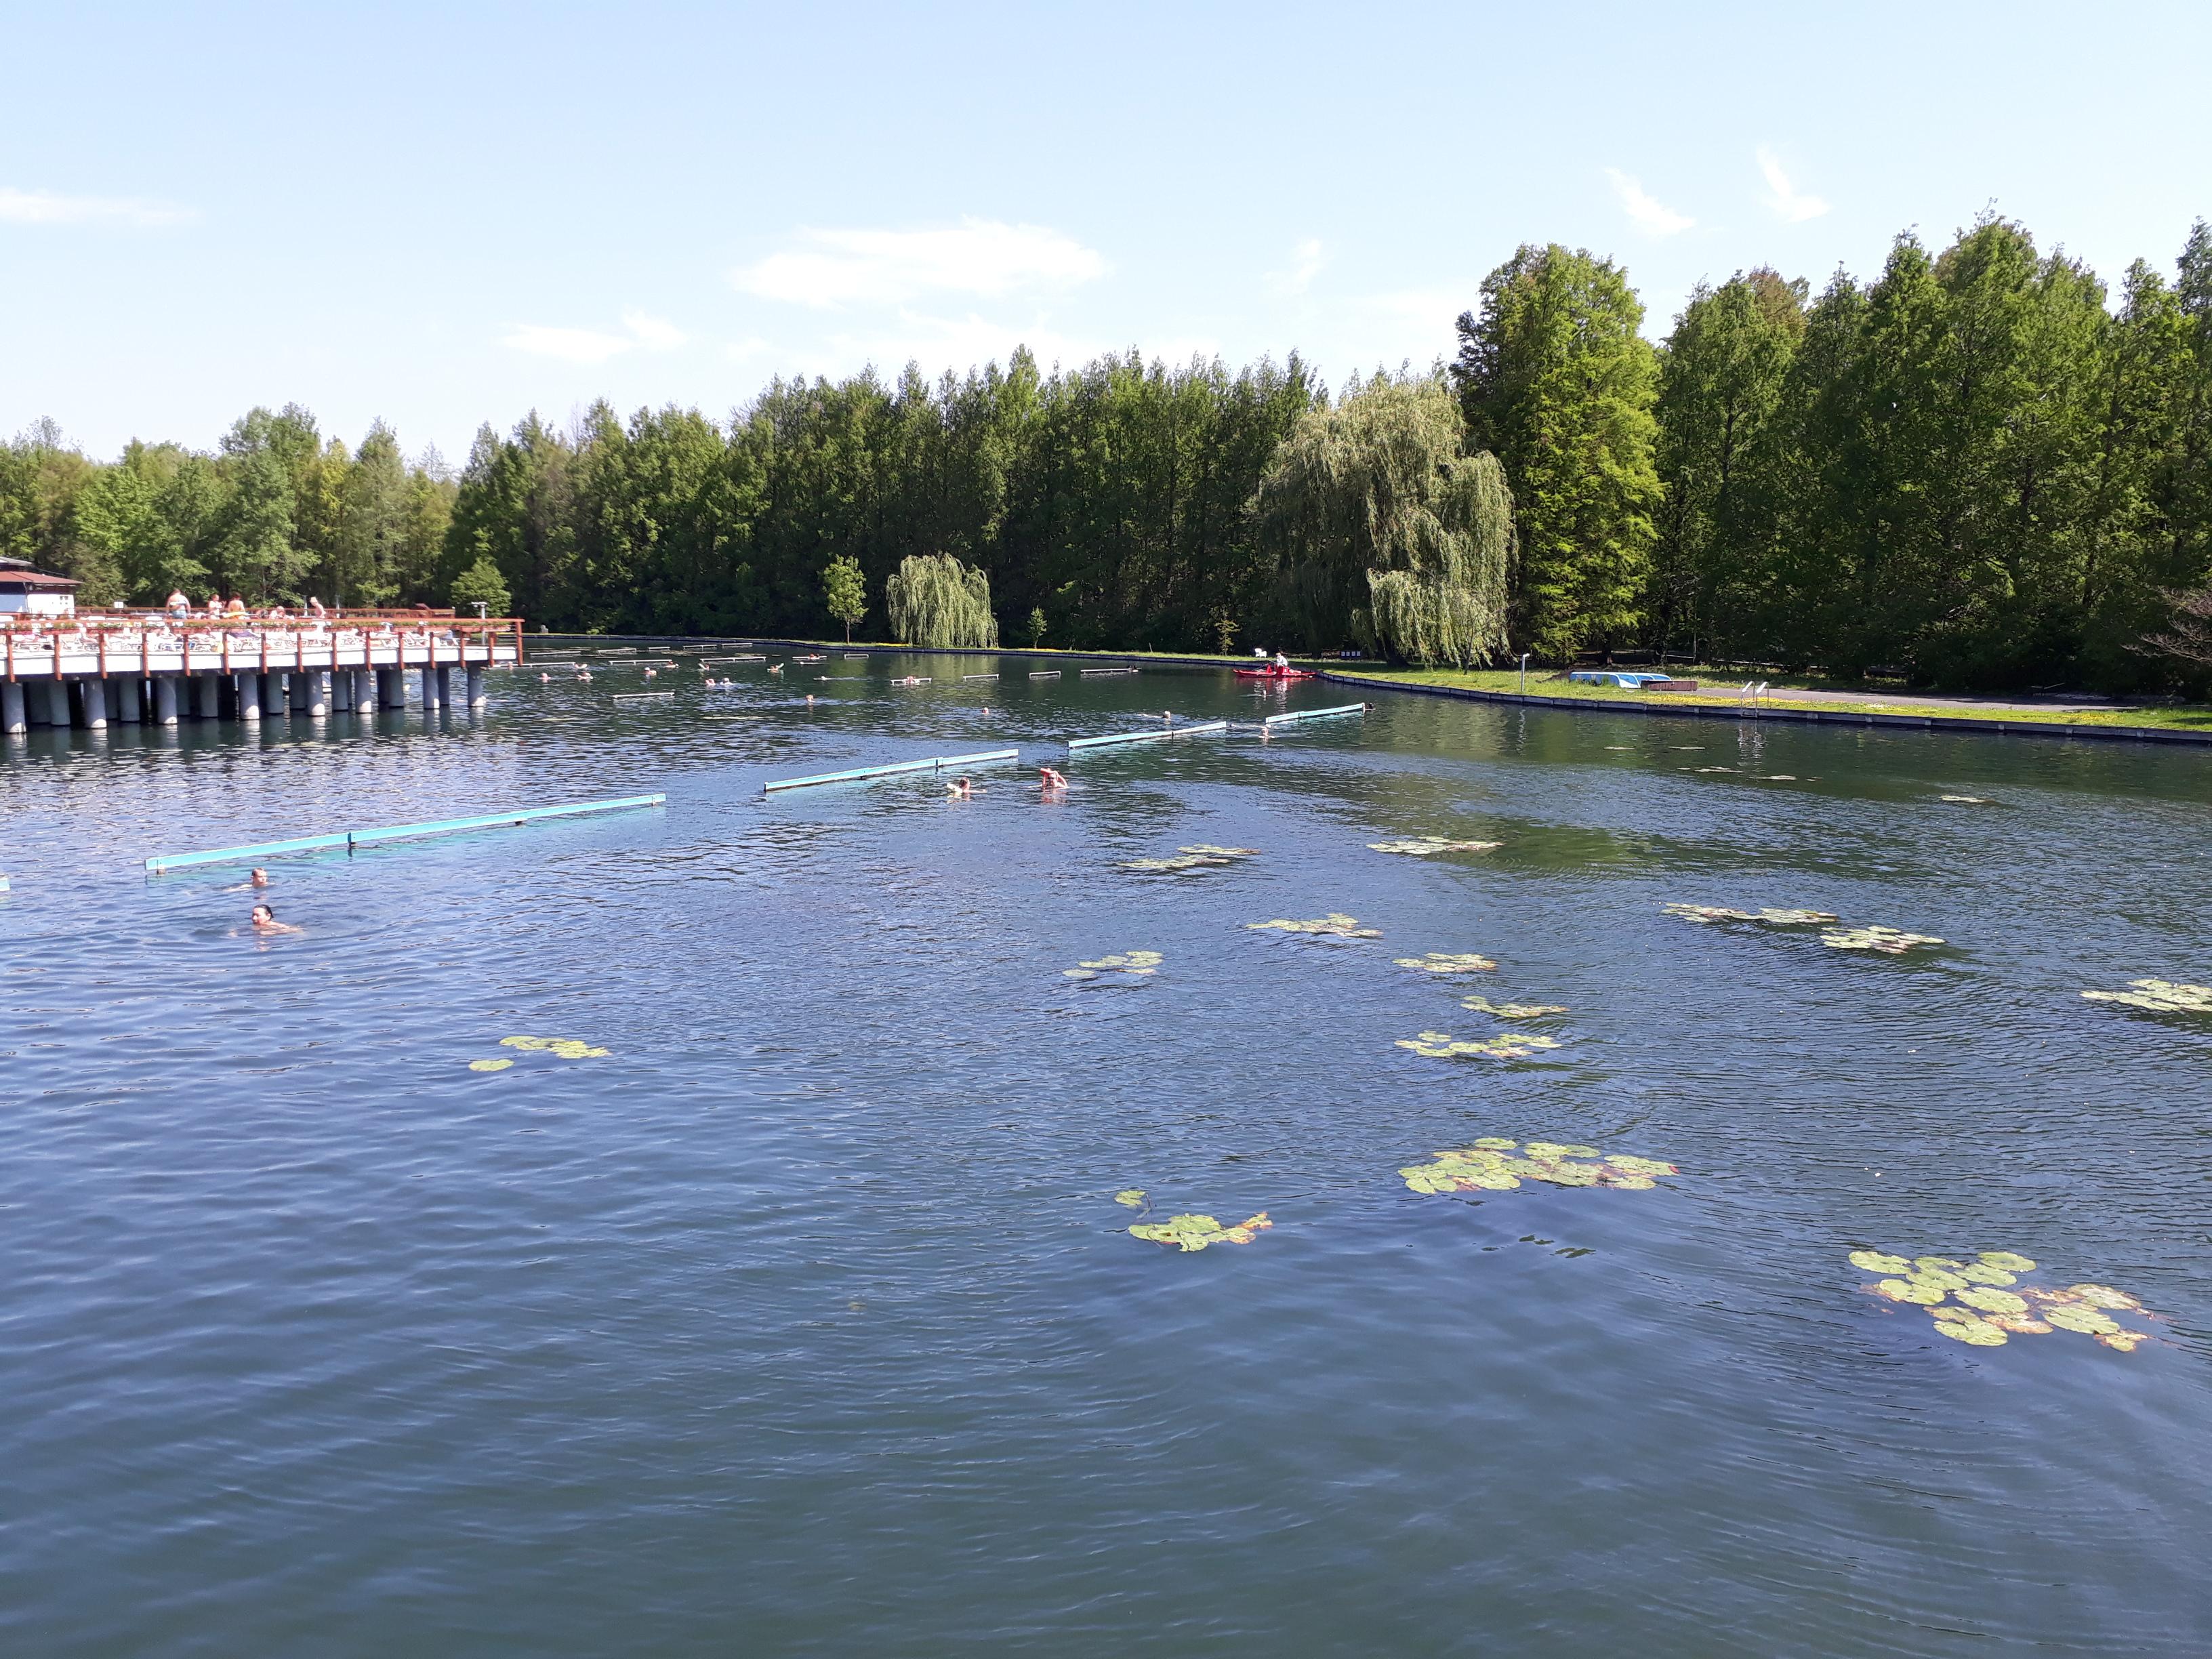 A tó mélysége 2-38 m, viszont rengeteg kapaszkodót raktak le, ha elfáradnánk nyugodtan elücsöröghetünk egynél hosszabb ideig. A tavi rózsák mellett úszkálni pedig nagyon jó érzés (kivéve amikor egy ki nem lógó hozzád ér a víz alatt, mert az elég ijesztő :D)